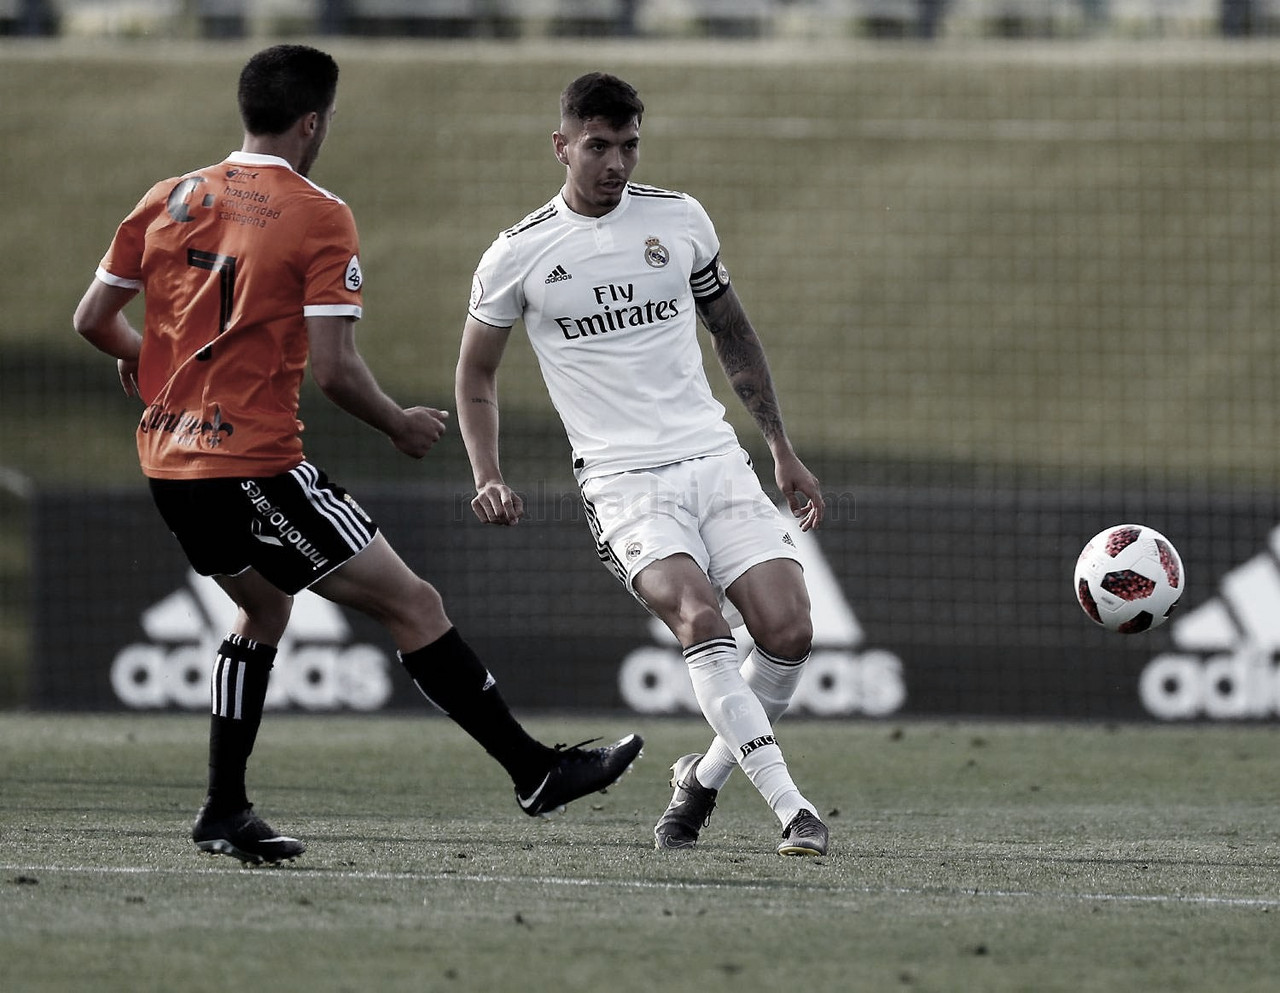 El Castilla cae eliminado ante un duro Cartagena